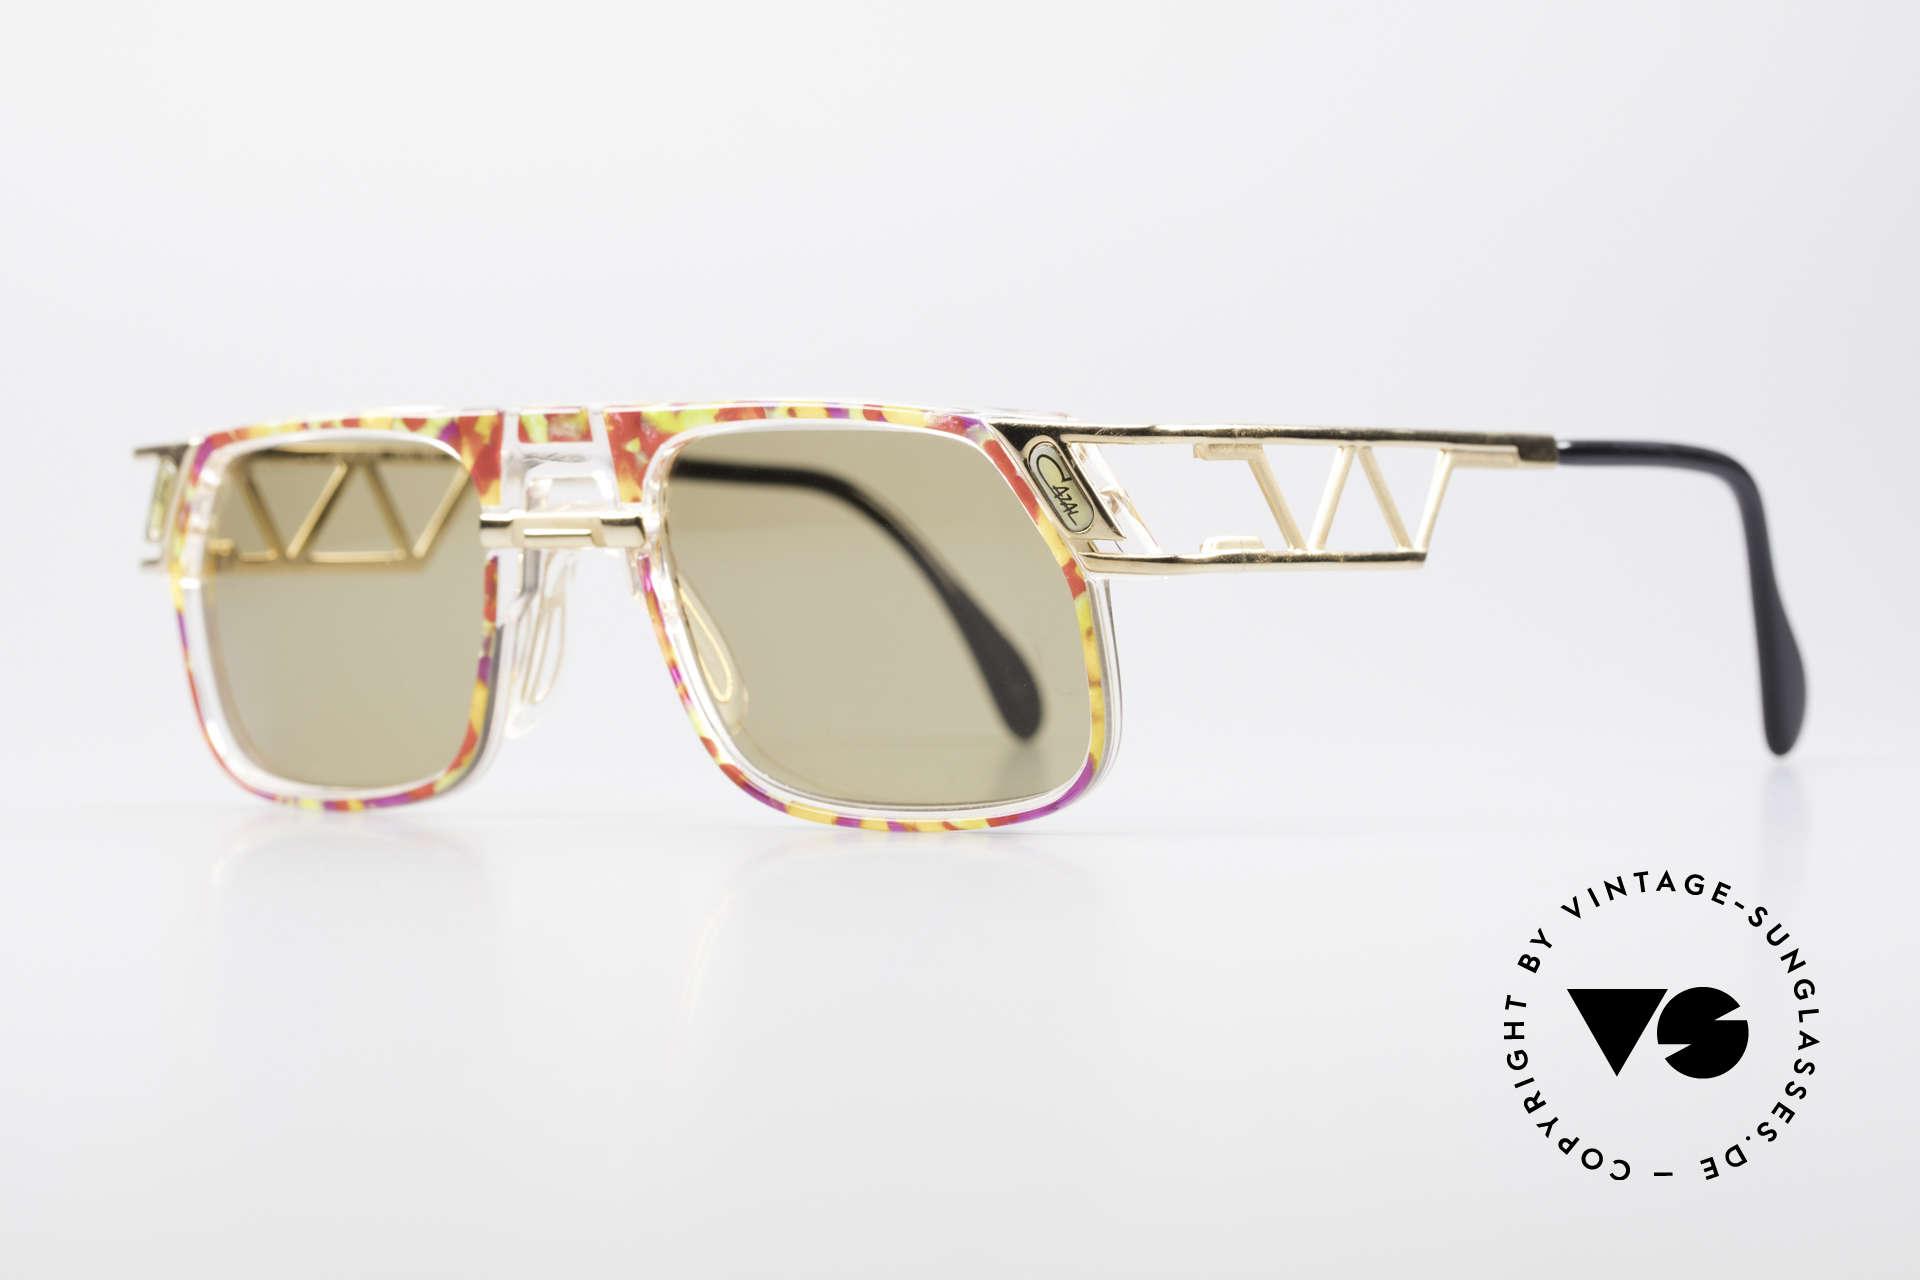 Cazal 876 90er Designer Sonnenbrille, einzigartige Konstruktion & aufwendige Farbgestaltung, Passend für Herren und Damen